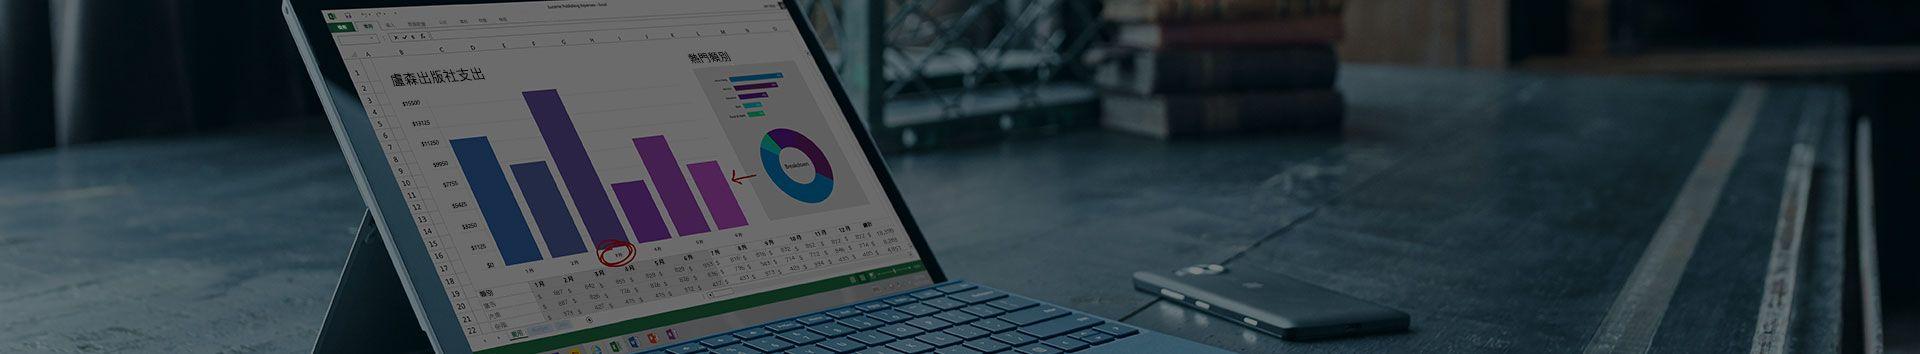 顯示 Microsoft Excel 費用報表的 Microsoft Surface 平板電腦